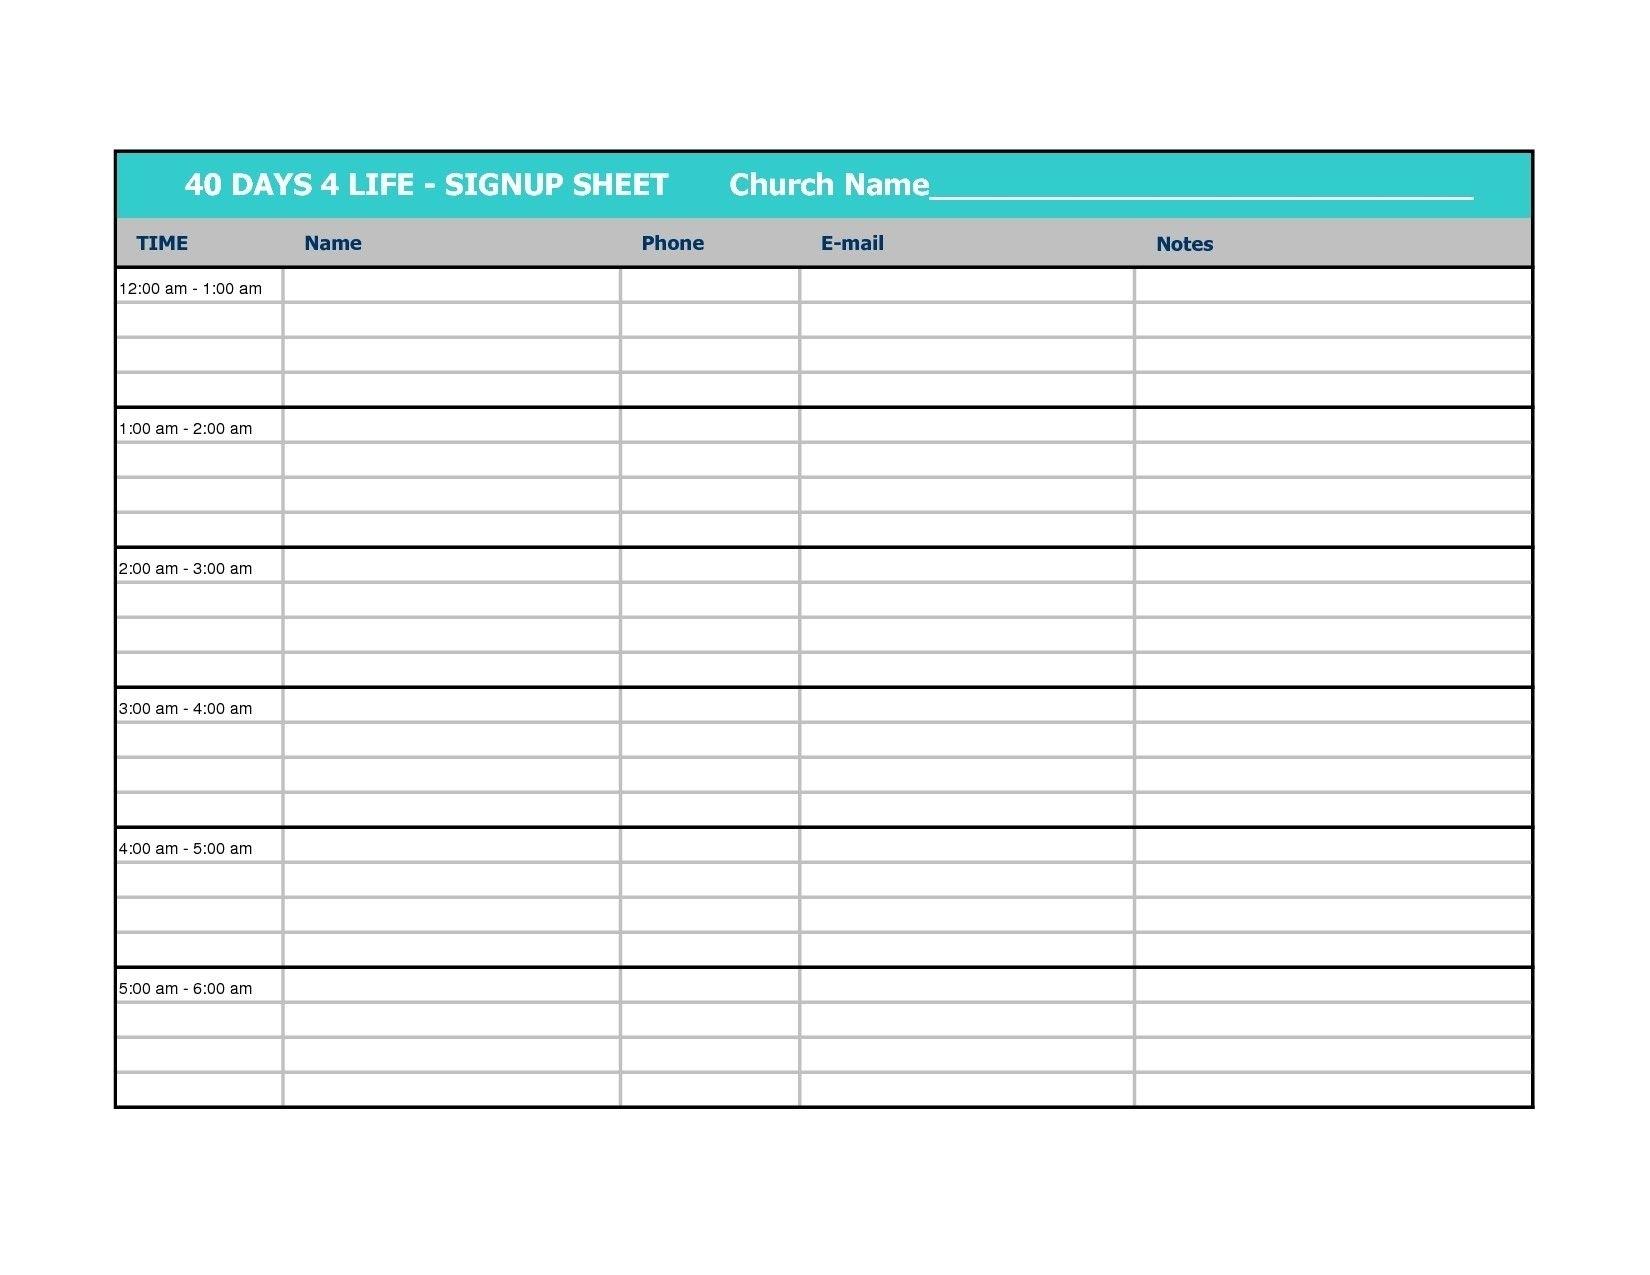 New Sign Up Calendar Template #Exceltemplate #Xls